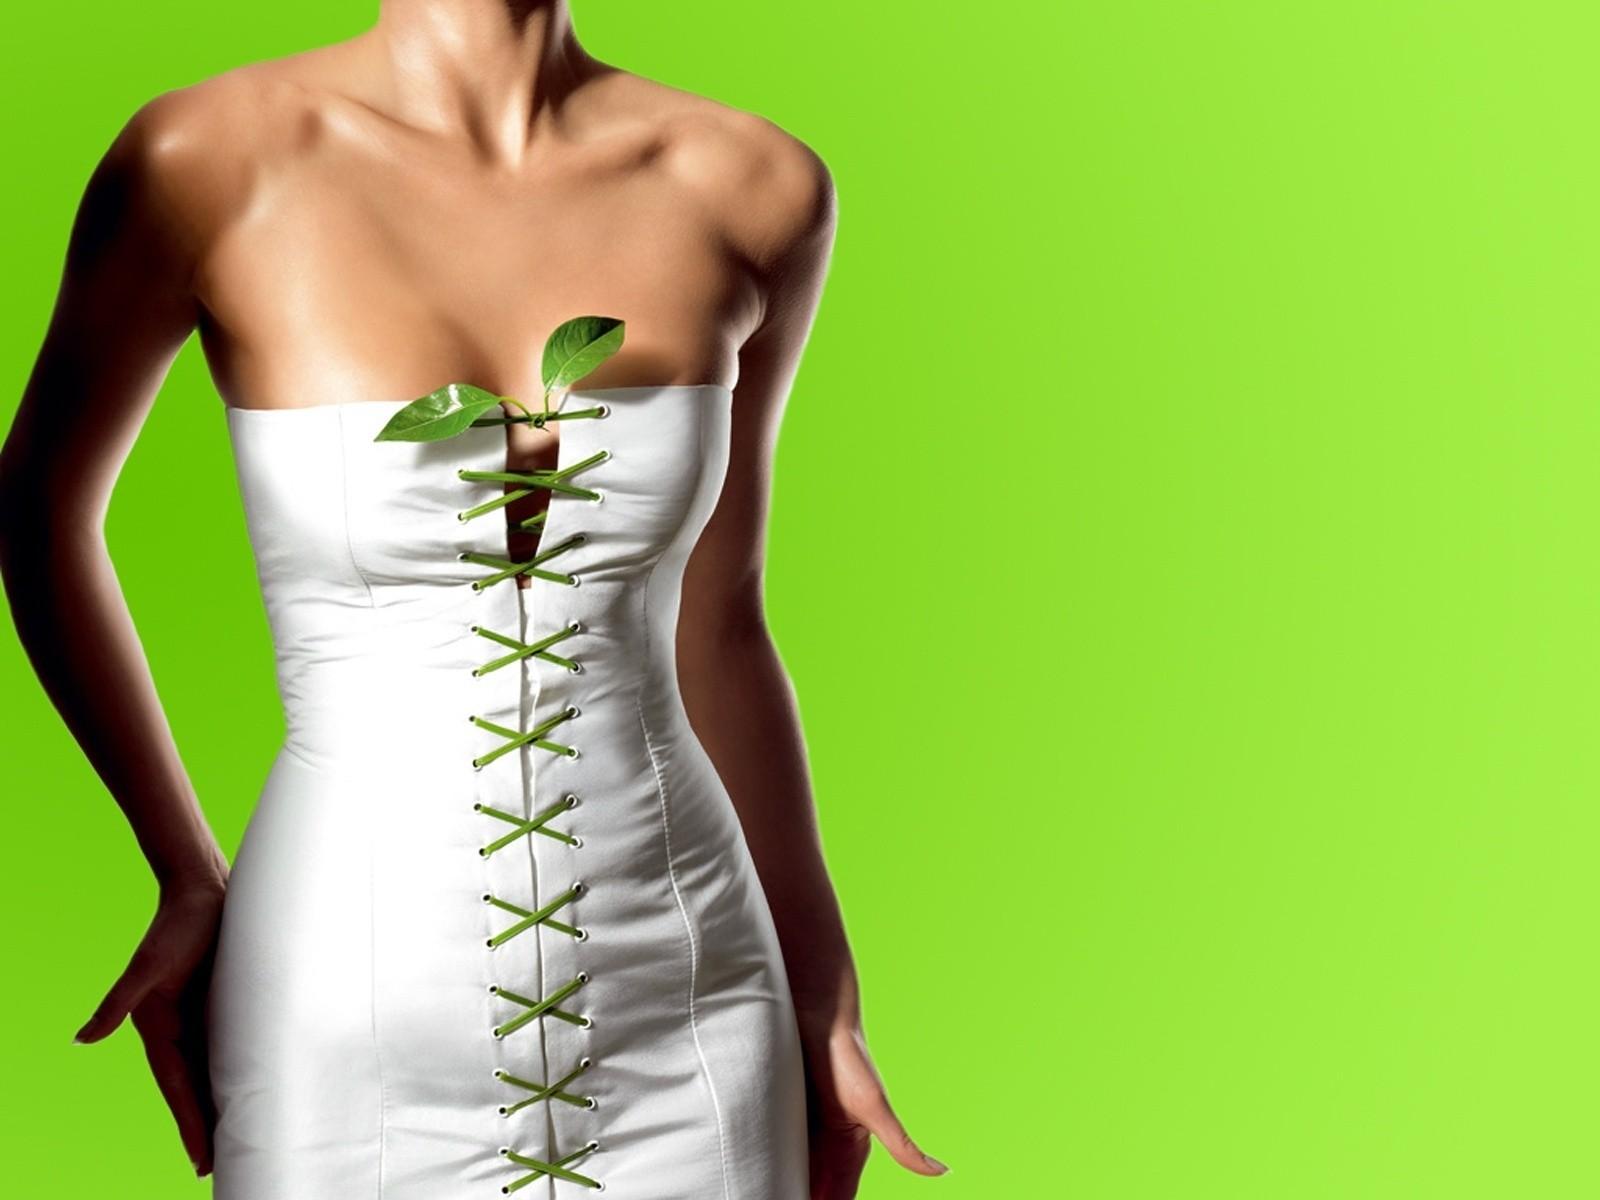 Зеленый чай для похудения, как правильно пить чтобы похудеть.